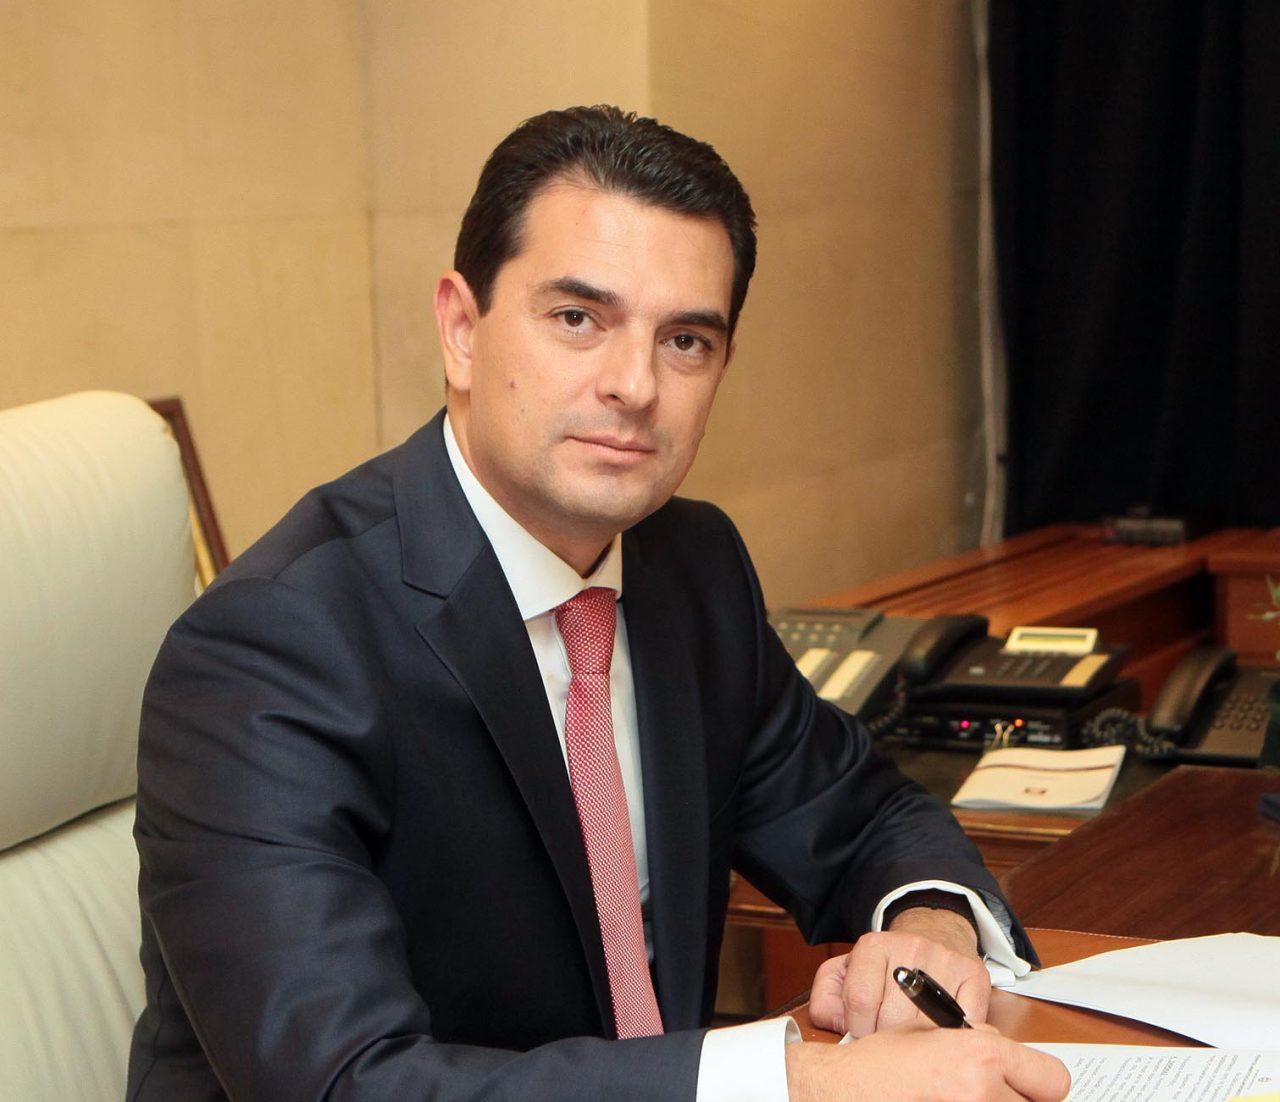 Κώστας Σκρέκας, υπουργός Περιβάλλοντος και Ενέργειας